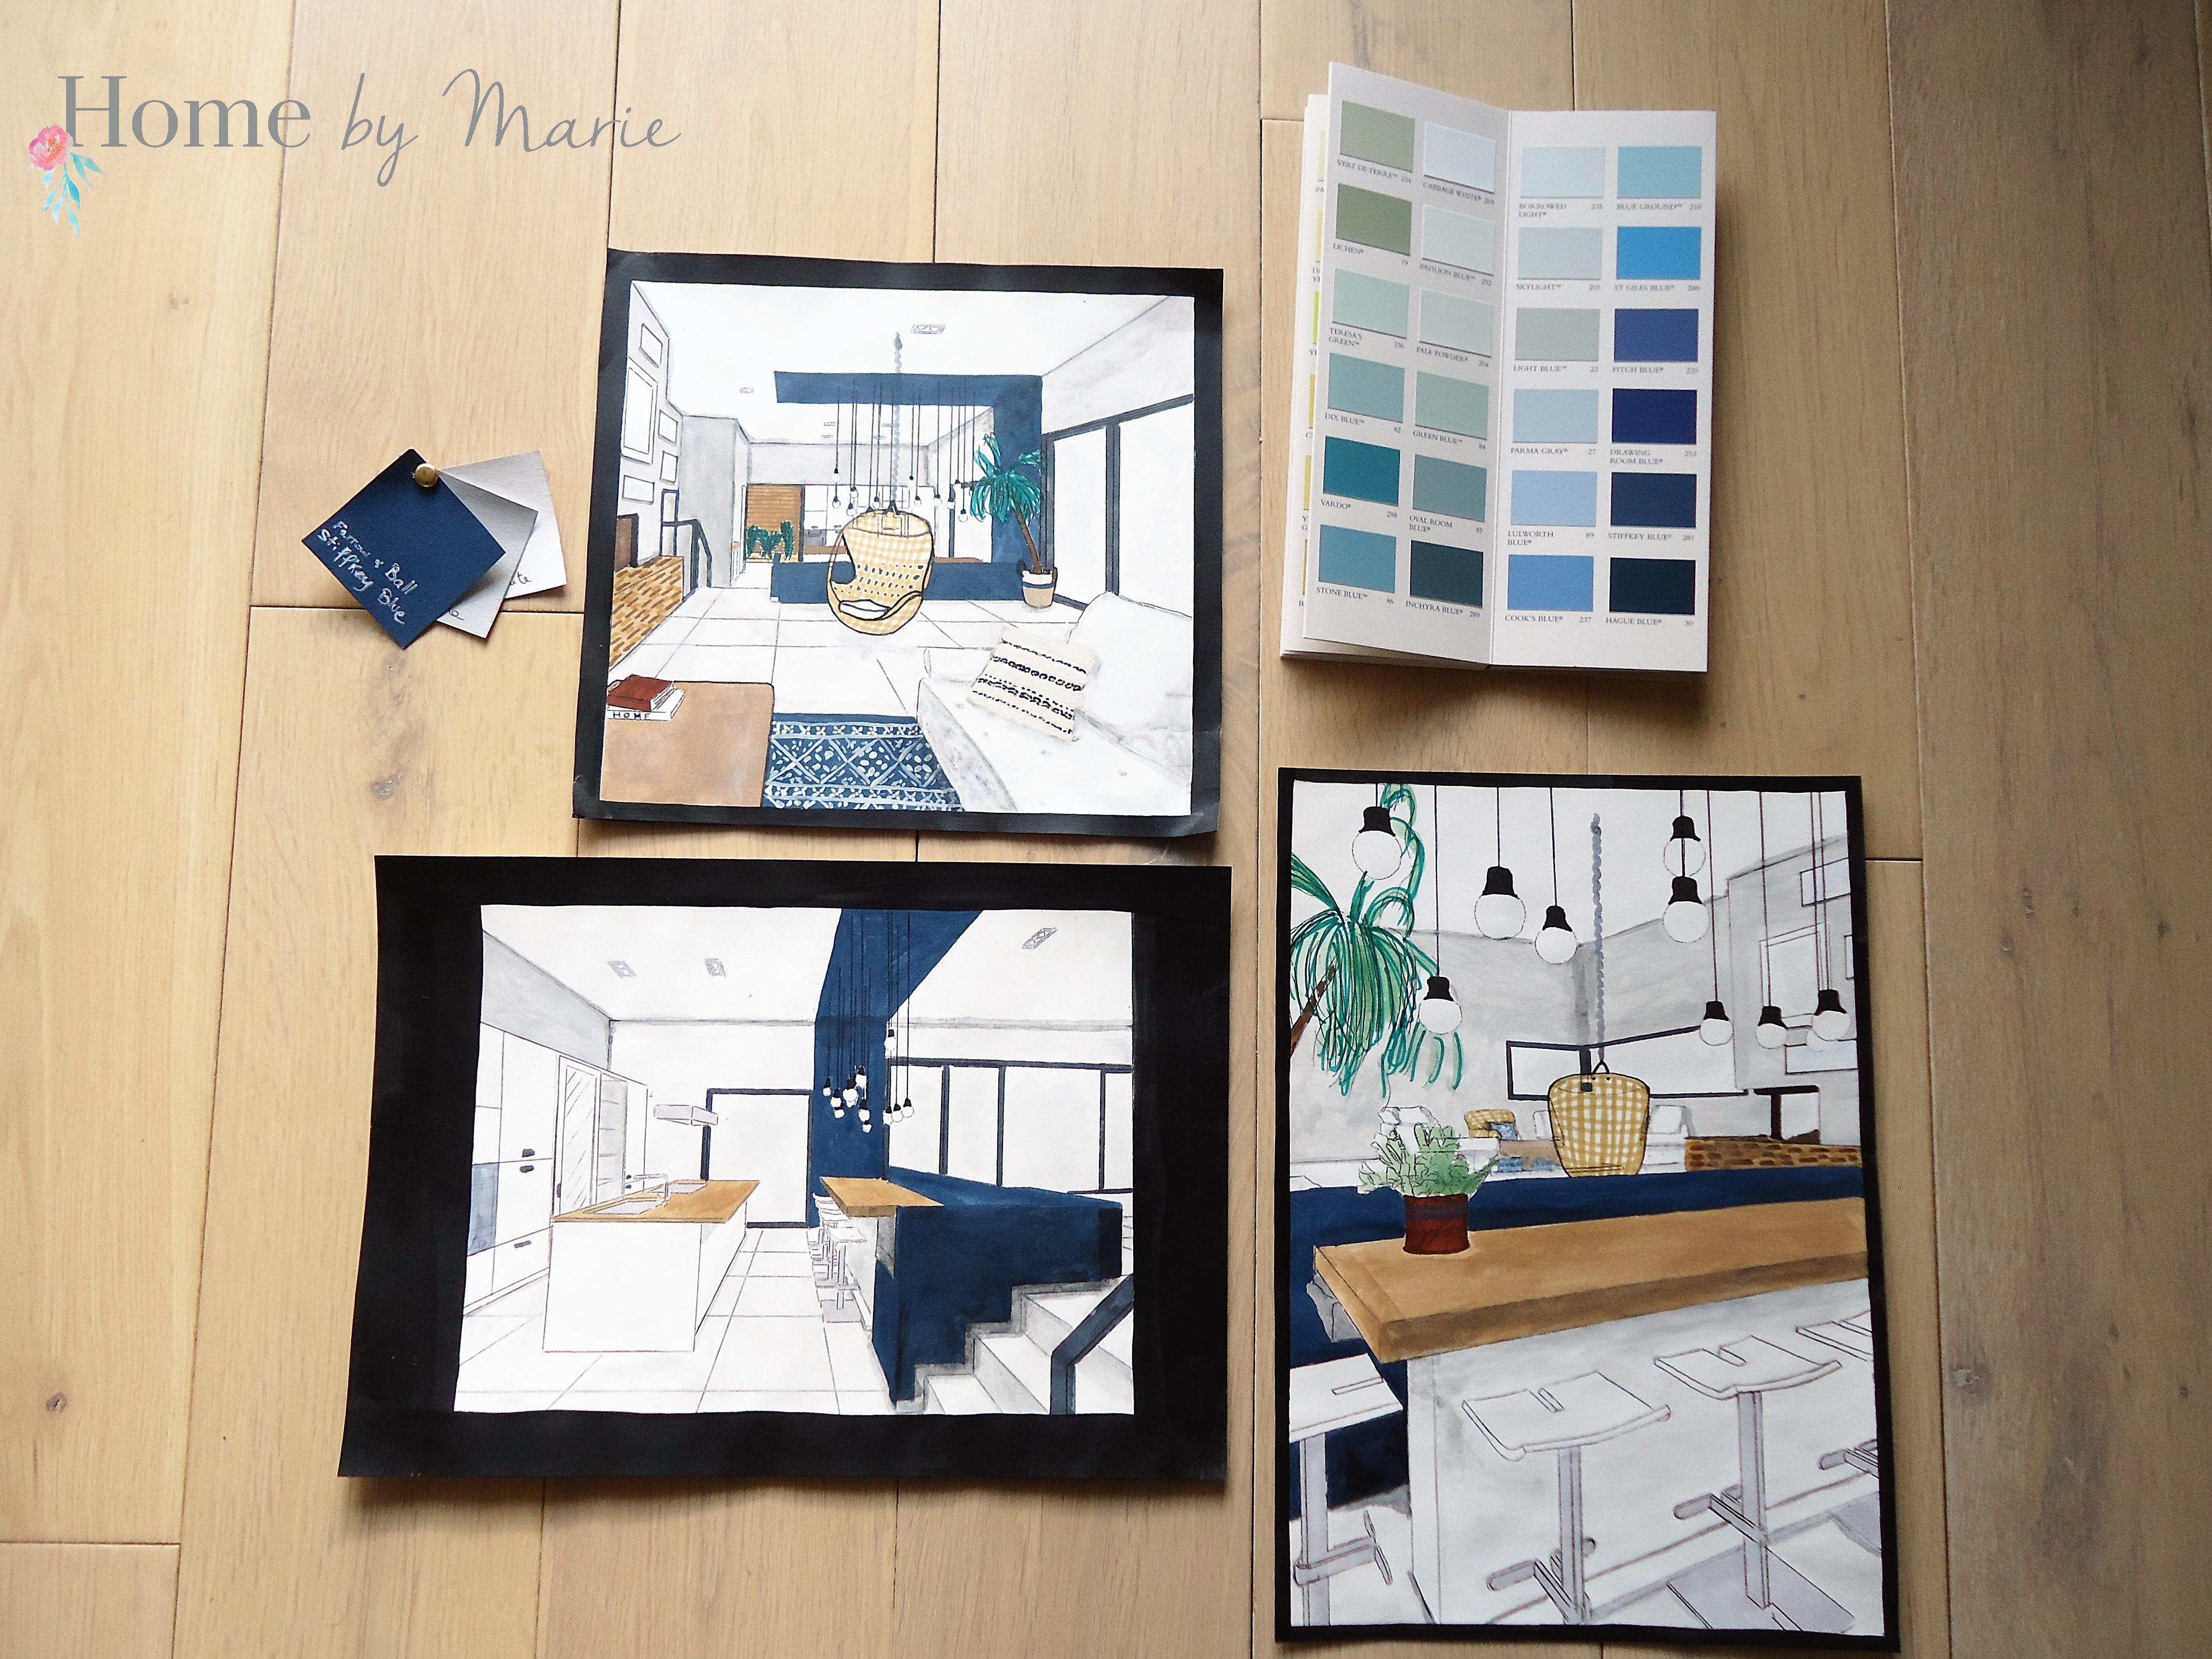 Coaching déco : Une maison au style bord de mer - Home by Marie